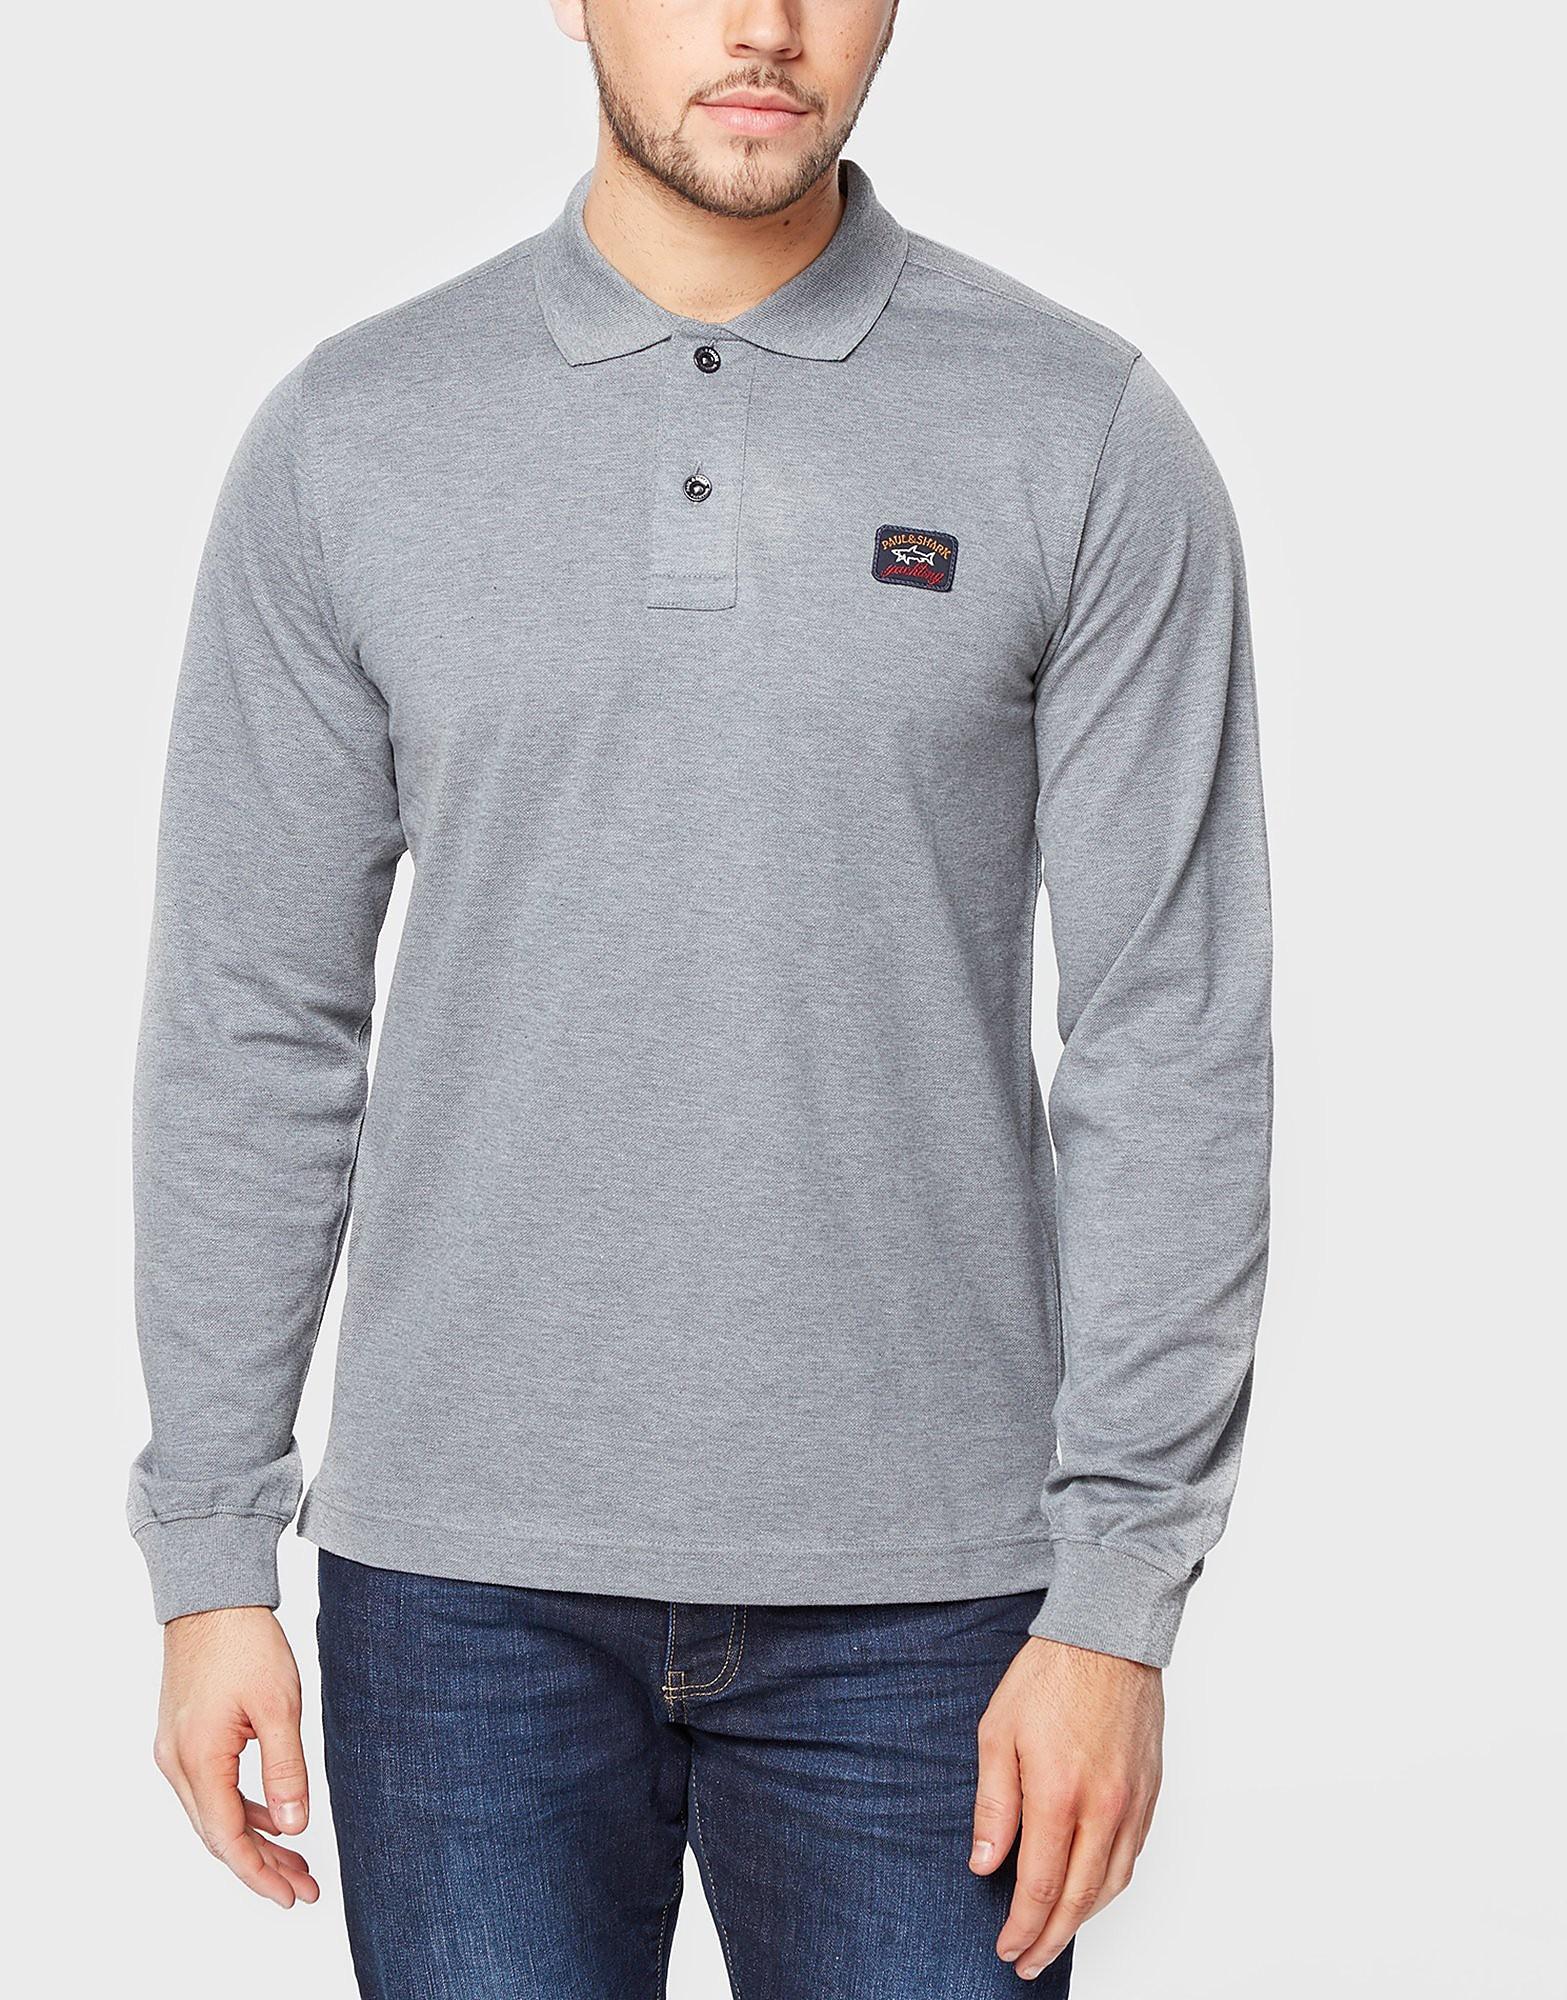 Paul and Shark Long Sleeve Pique Polo Shirt